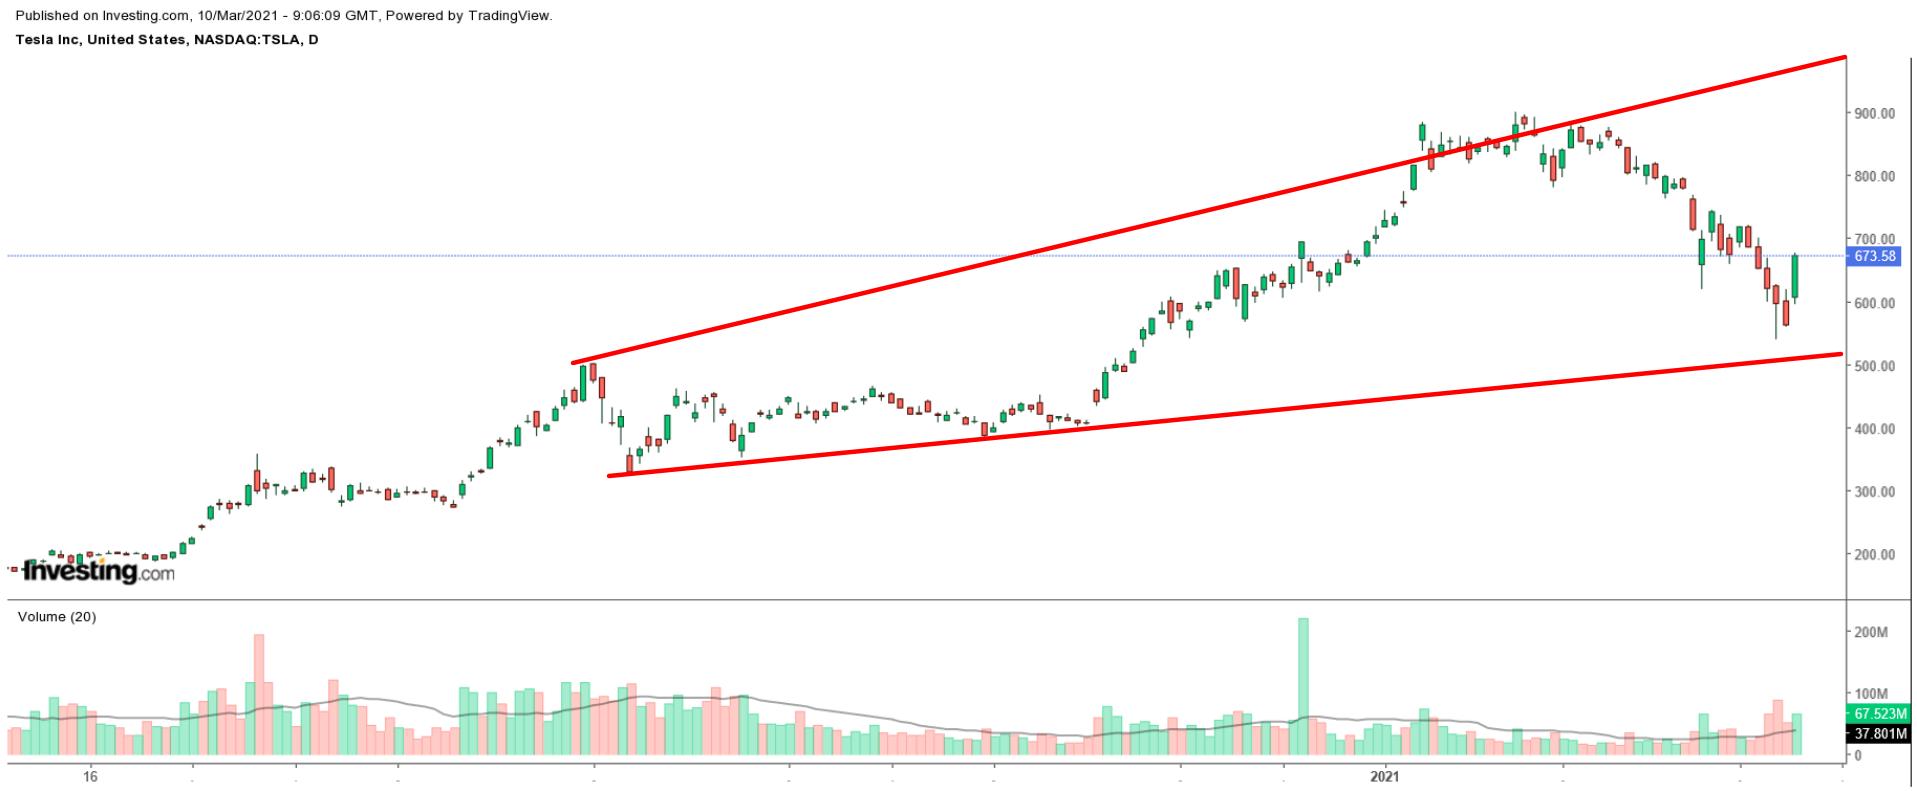 特斯拉股价日线图